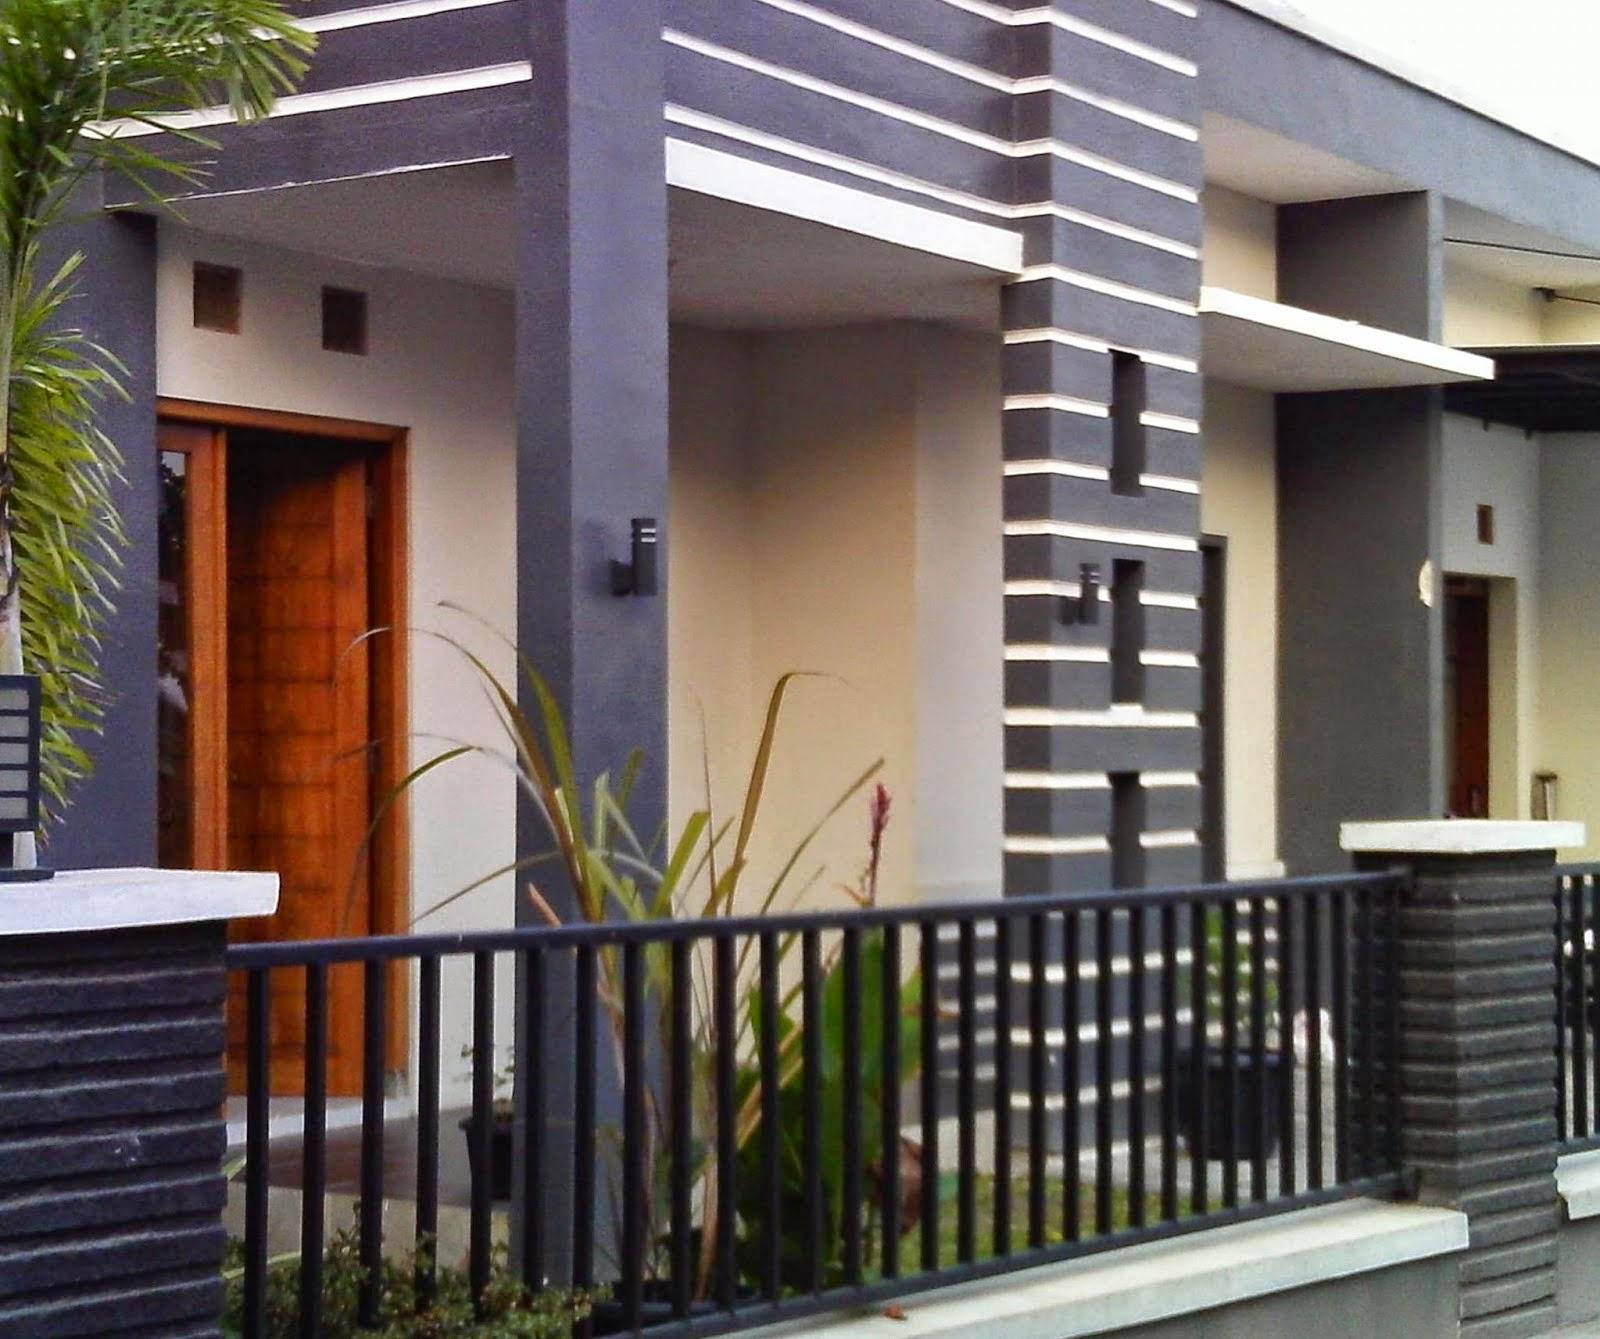 pictures gallery of desain model tiang teras rumah